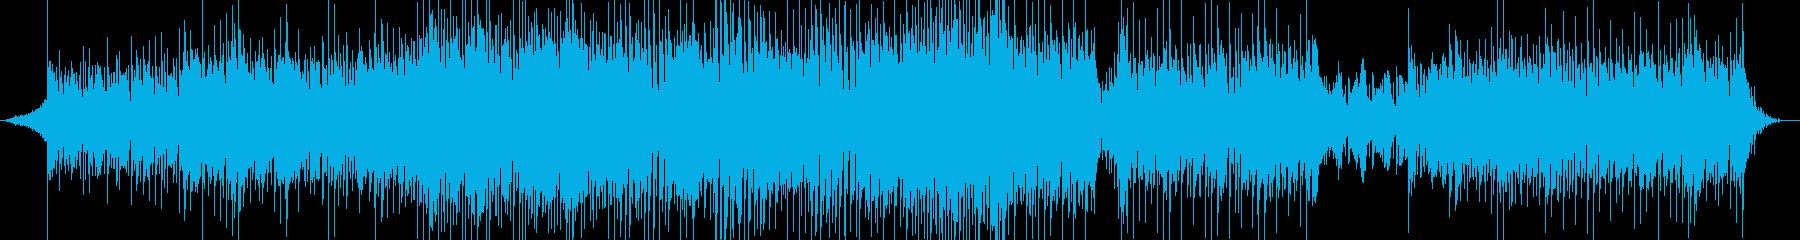 疾走感のあるバトルBGMの再生済みの波形